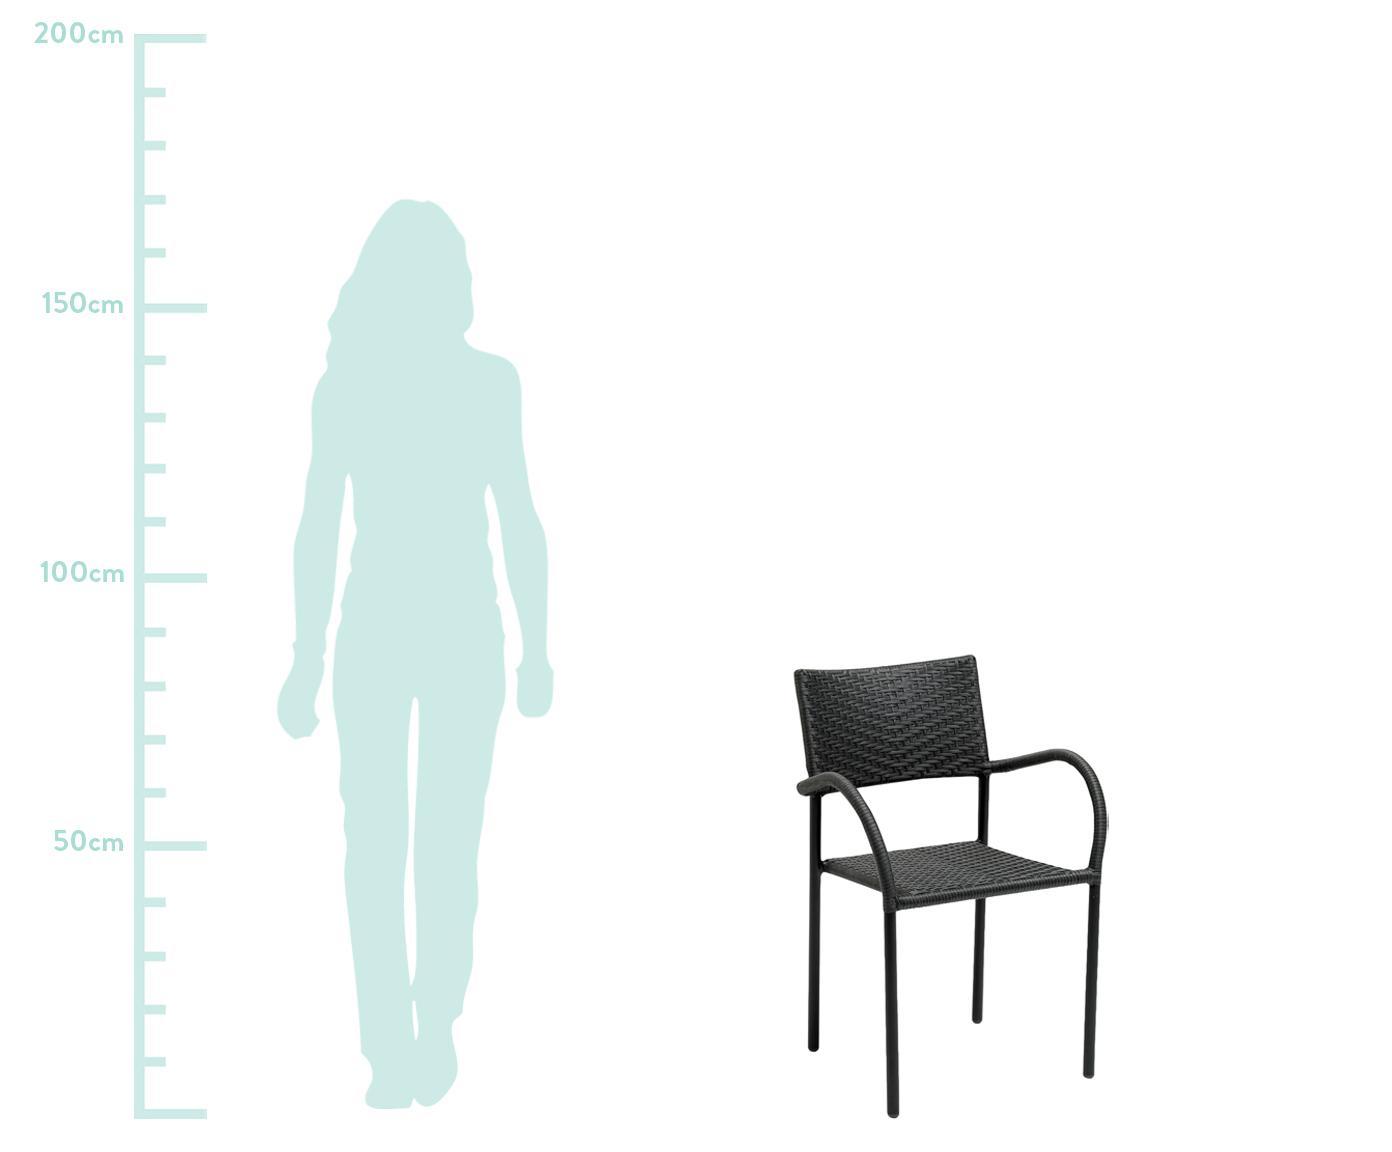 Zahradní židle z polyratanu s područkami Loke, Matná černá